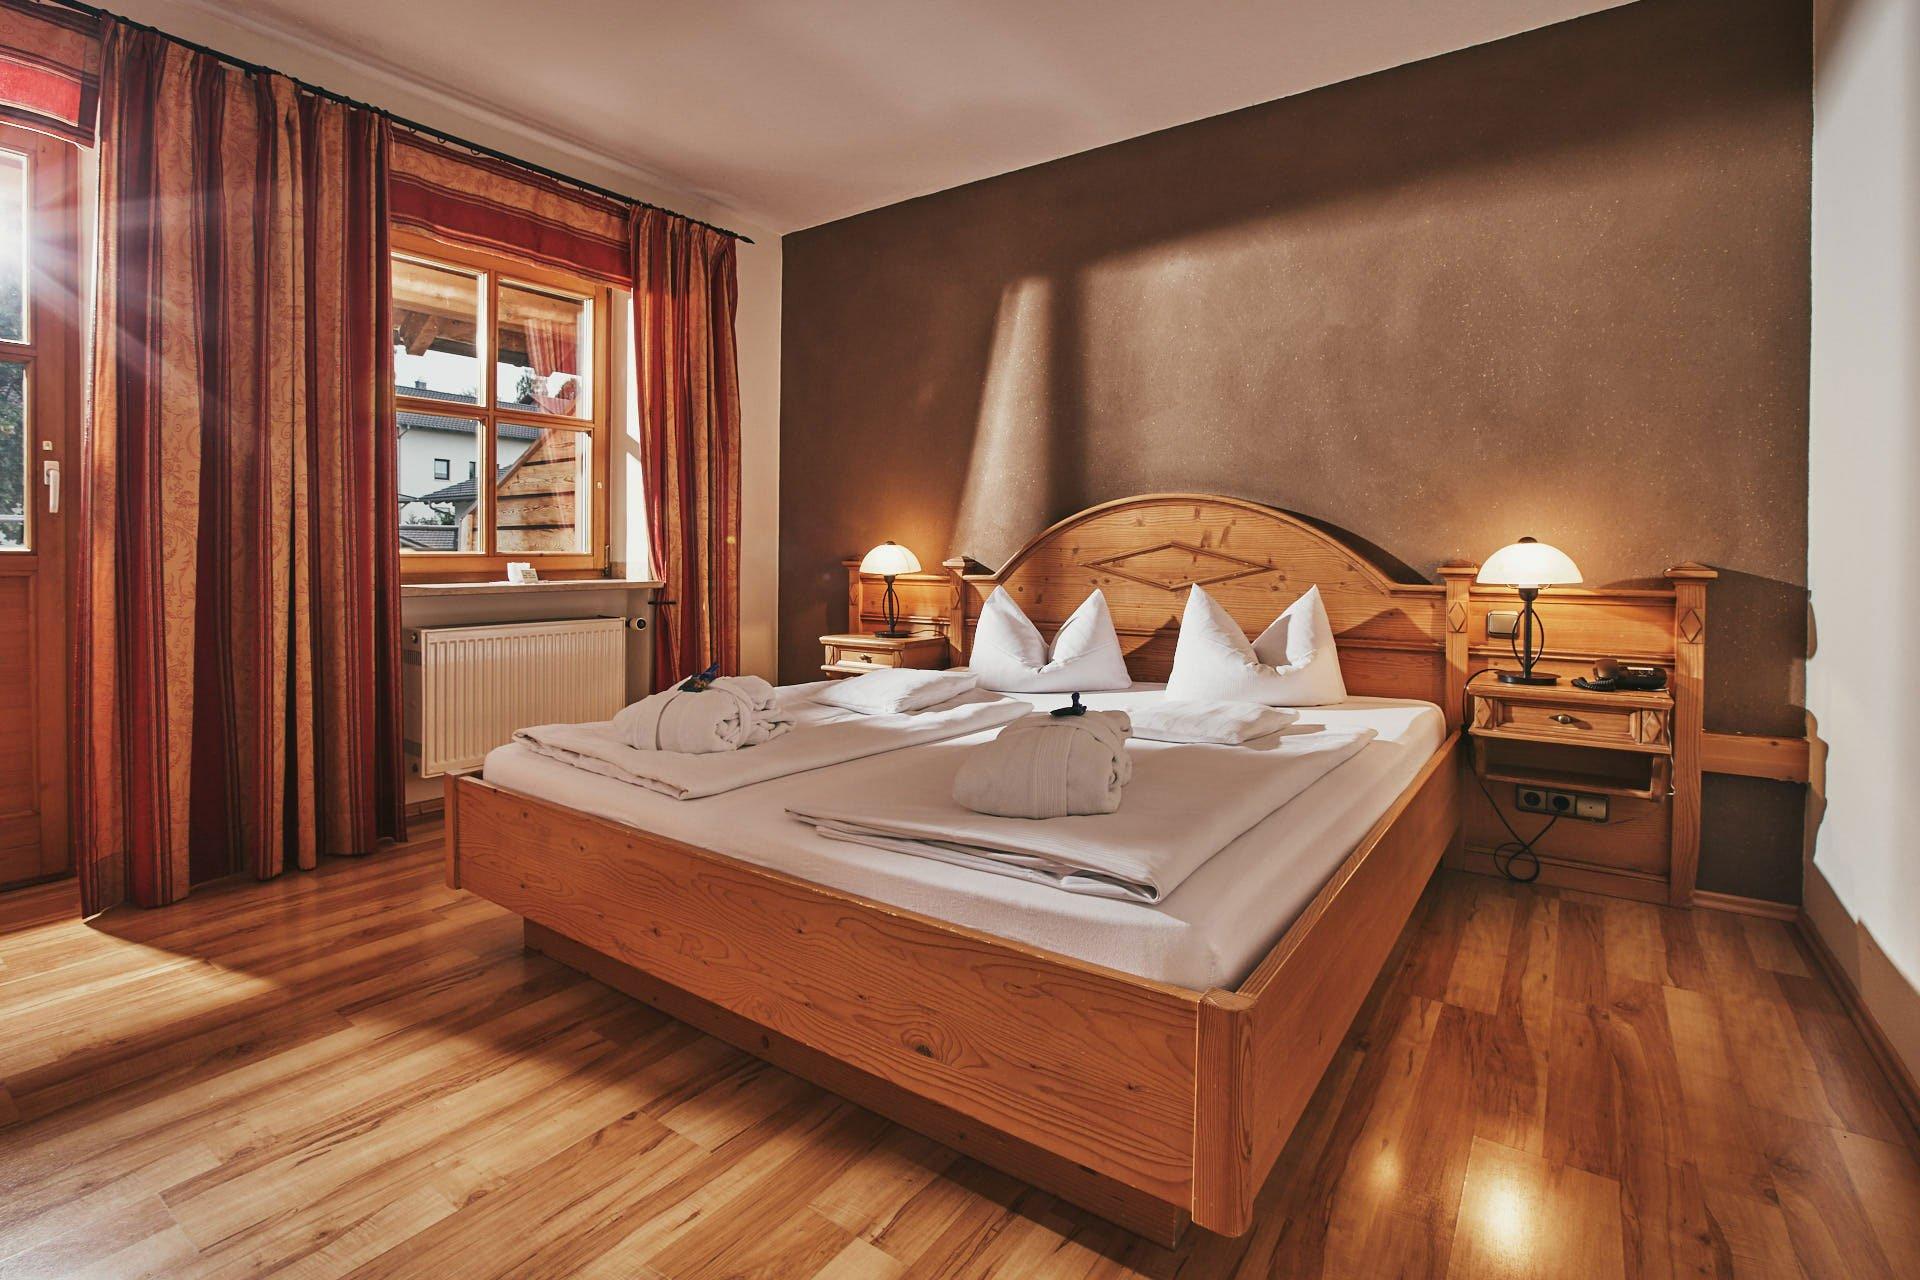 Landlust Doppelzimmer unseres Wellnesshotel im Bayerischen Wald